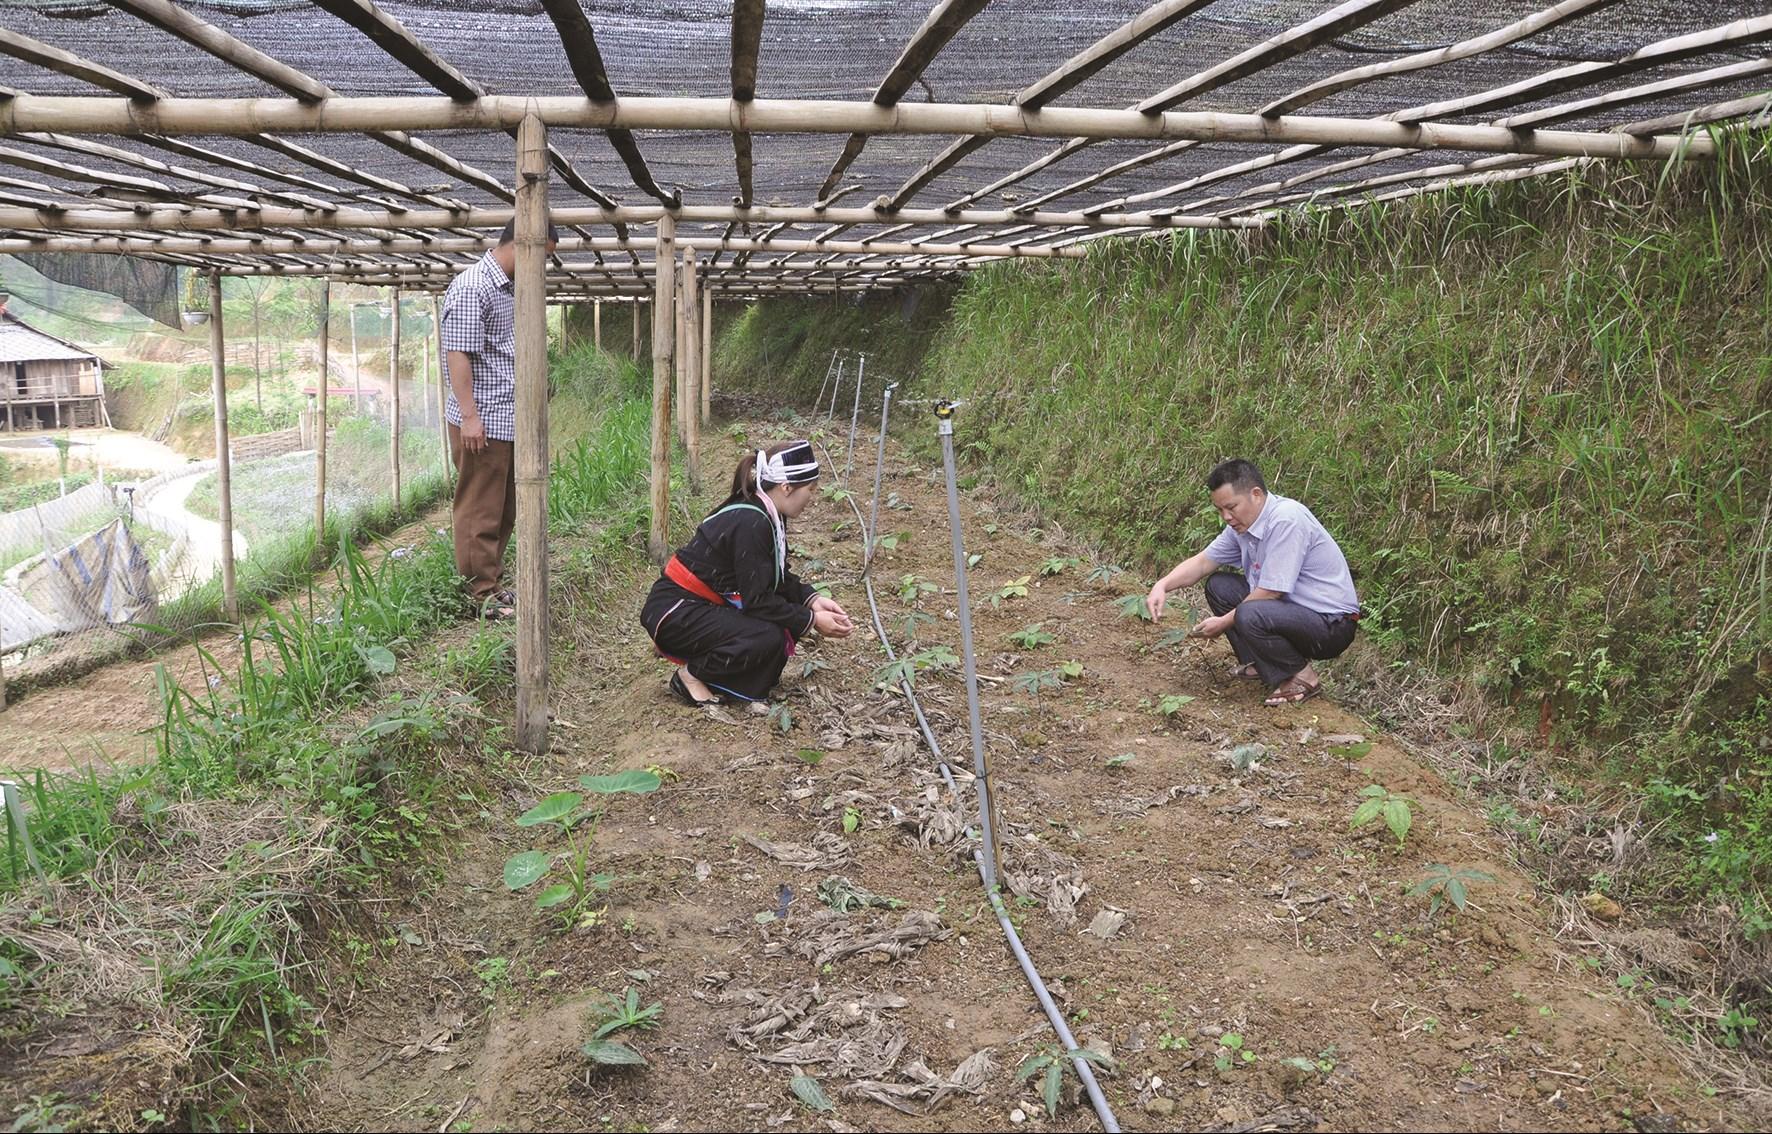 Chương trình MTQG phát triển KT-XH vùng đồng bào DTTS và miền núi giai đoạn 2021 - 2030 được kỳ vọng sẽ giải quyết căn bản những khó khăn của vùng đồng bào DTTS và miền núi. (Trong ảnh: Người dân Hoàng Su Phì đưa công nghệ tưới nước mới vào phục vụ sản xuất nông nghiệp).